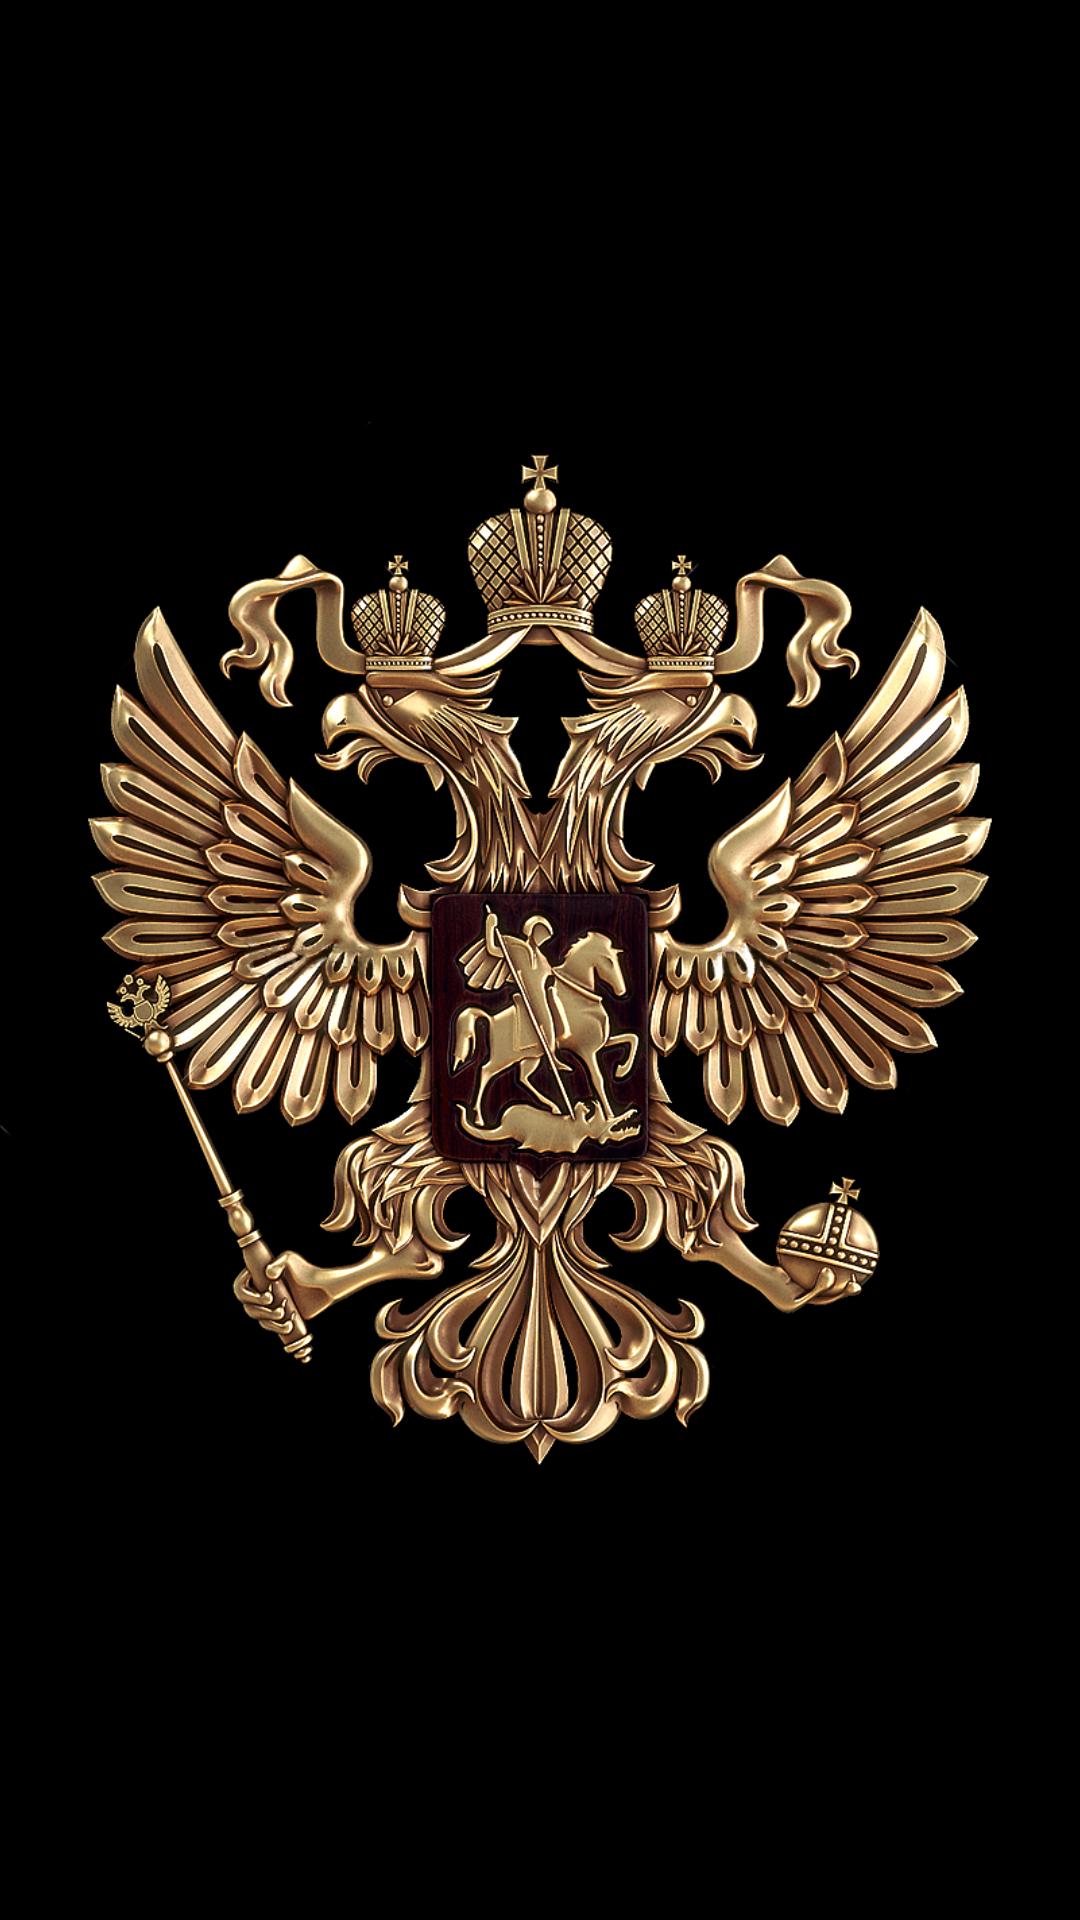 Обои На Телефон Герб России